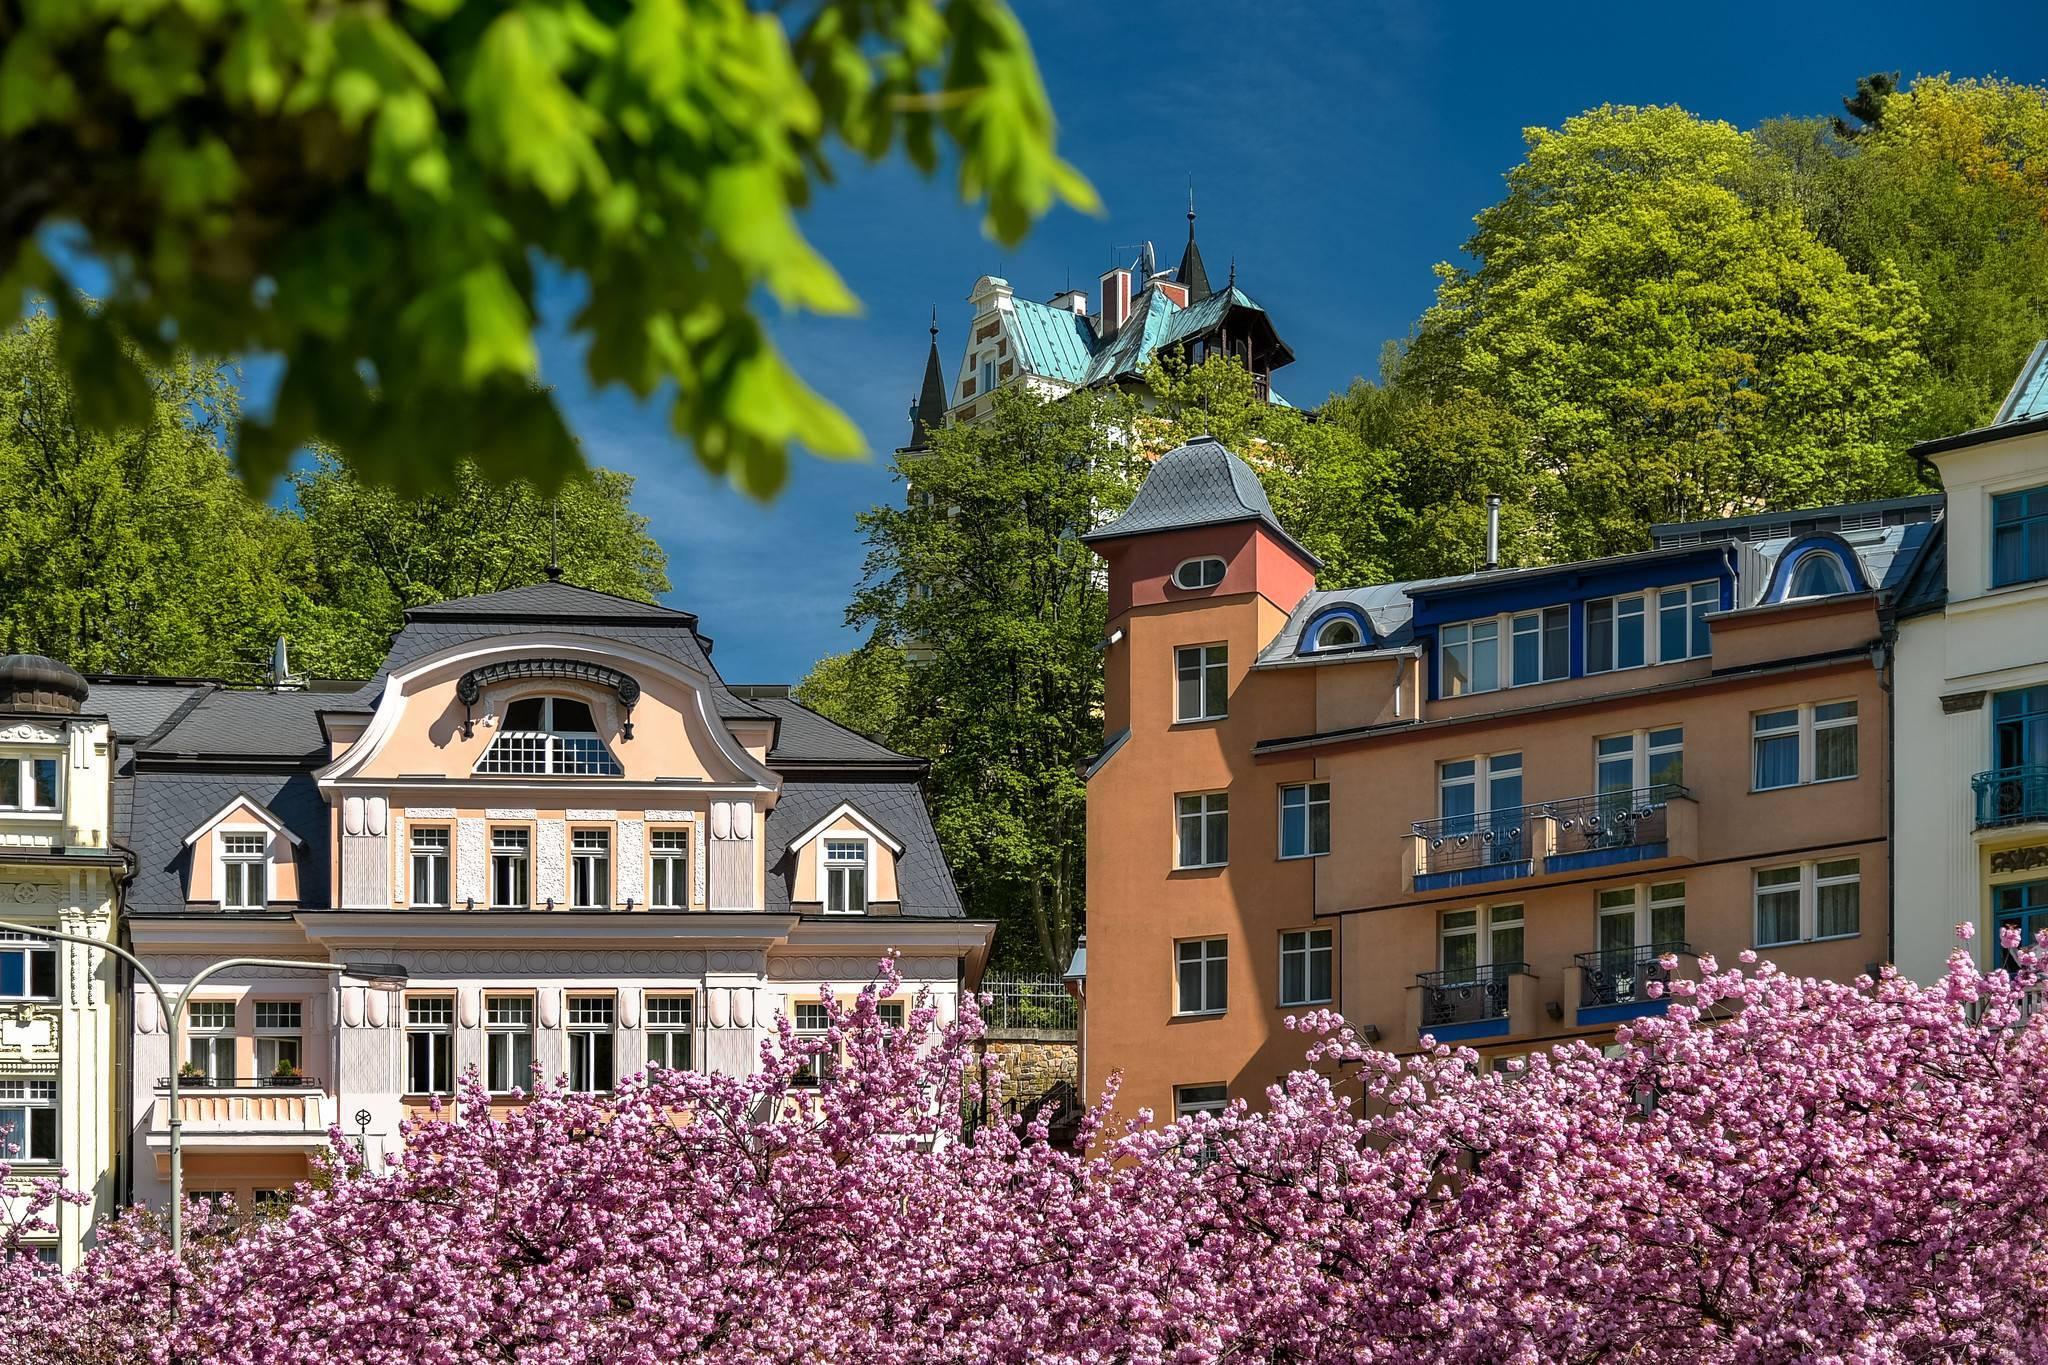 Санатории чехии цены 2020 с лечением - set travel set travel санатории чехии цены 2020 с лечением - set travel